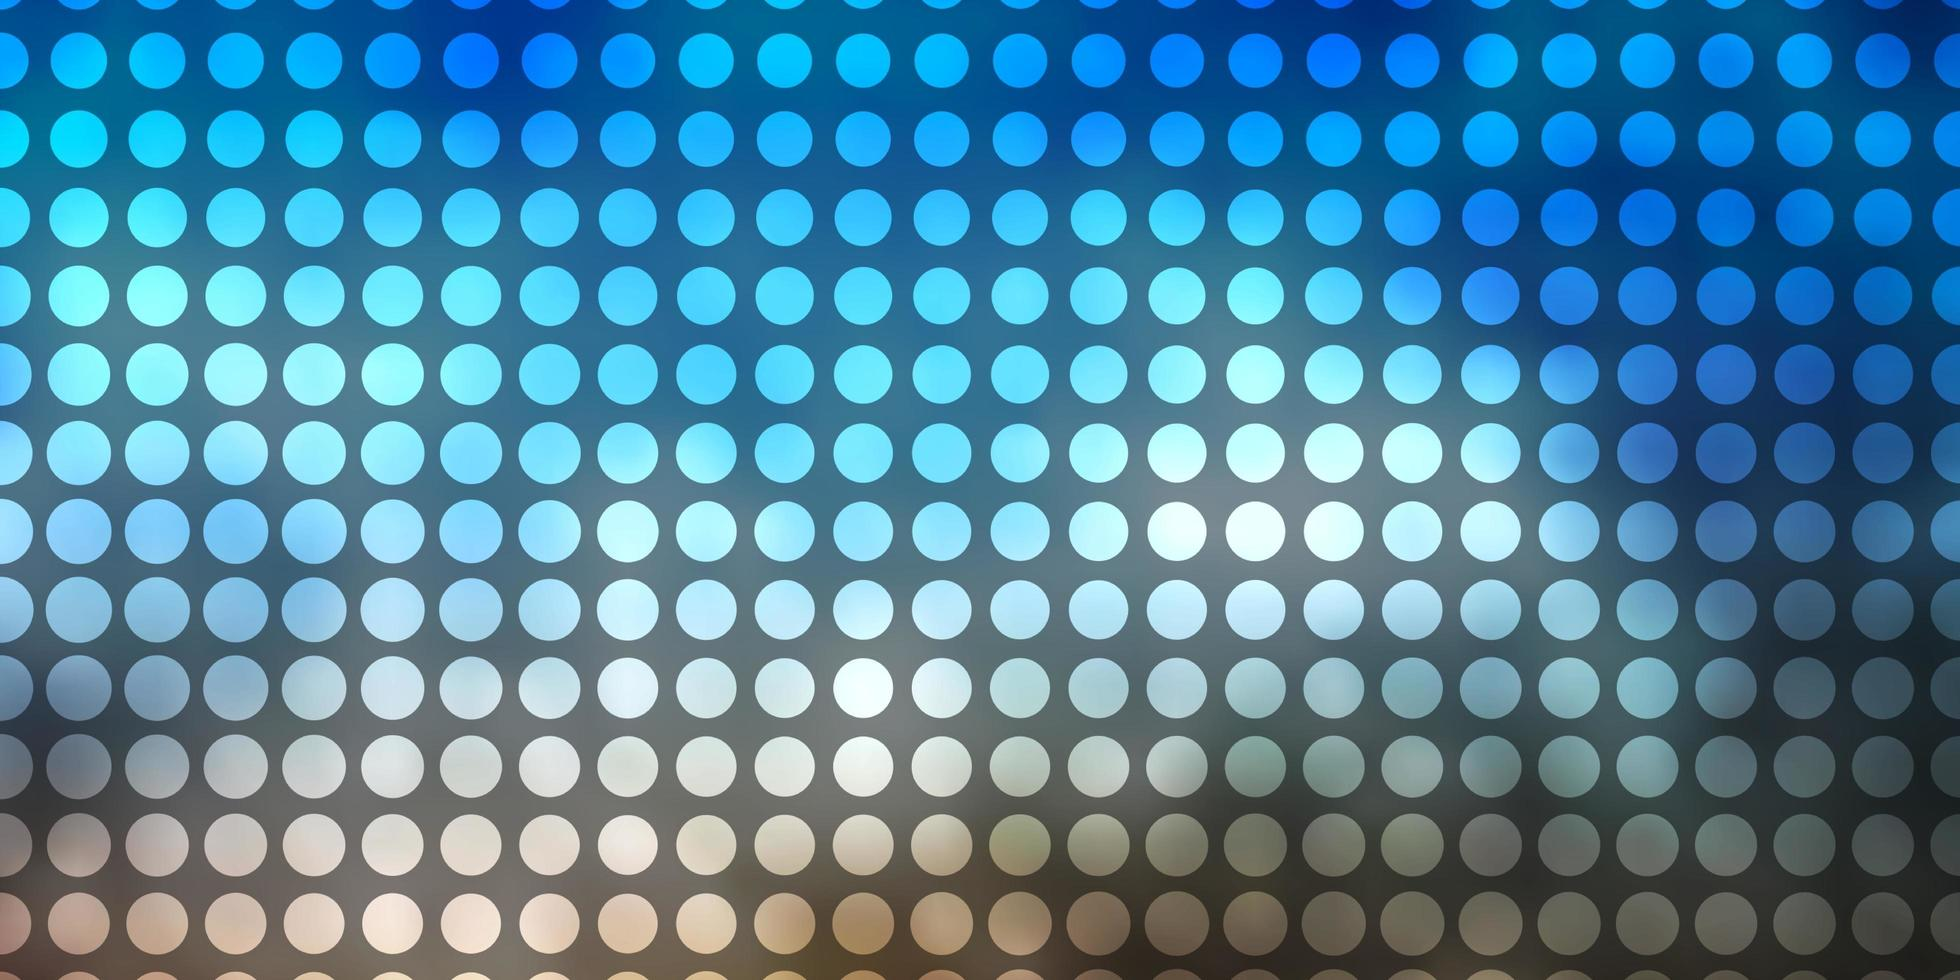 hellblauer, gelber Vektorhintergrund mit Kreisen. vektor